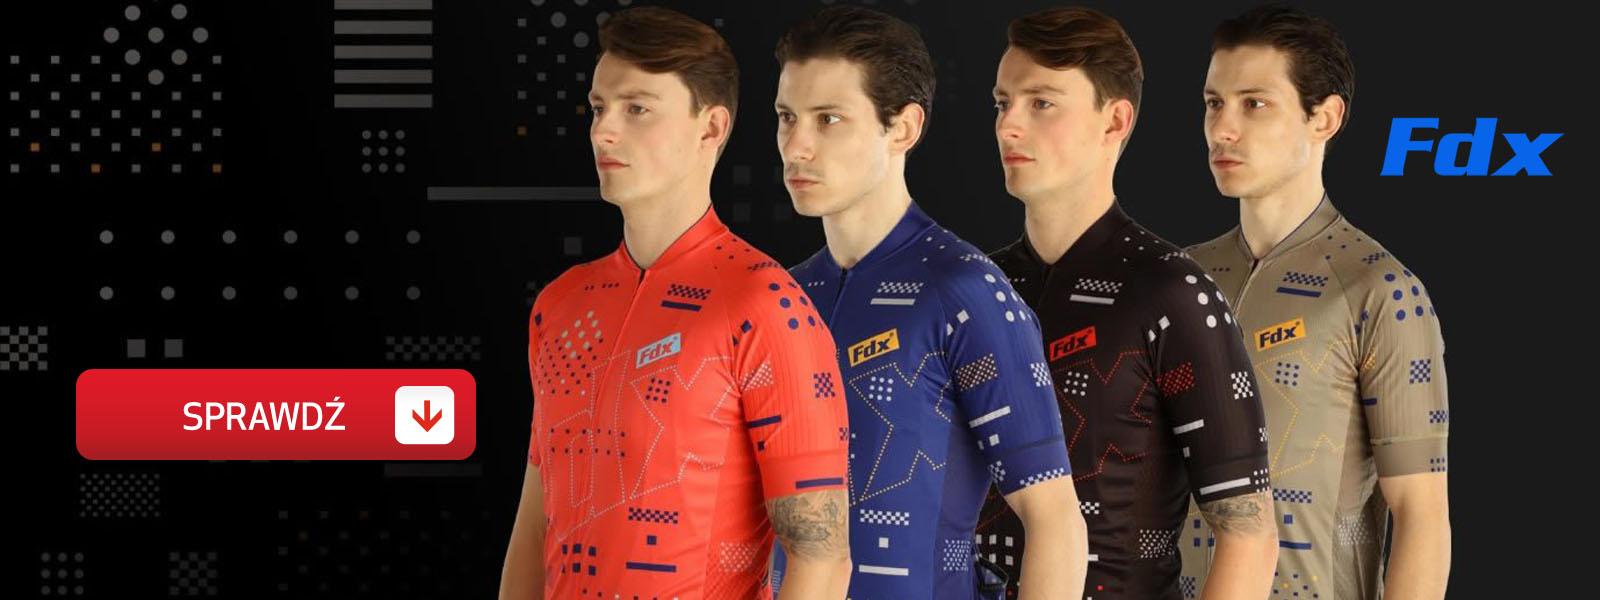 nowa kolekcja odzieży rowerowej fdx